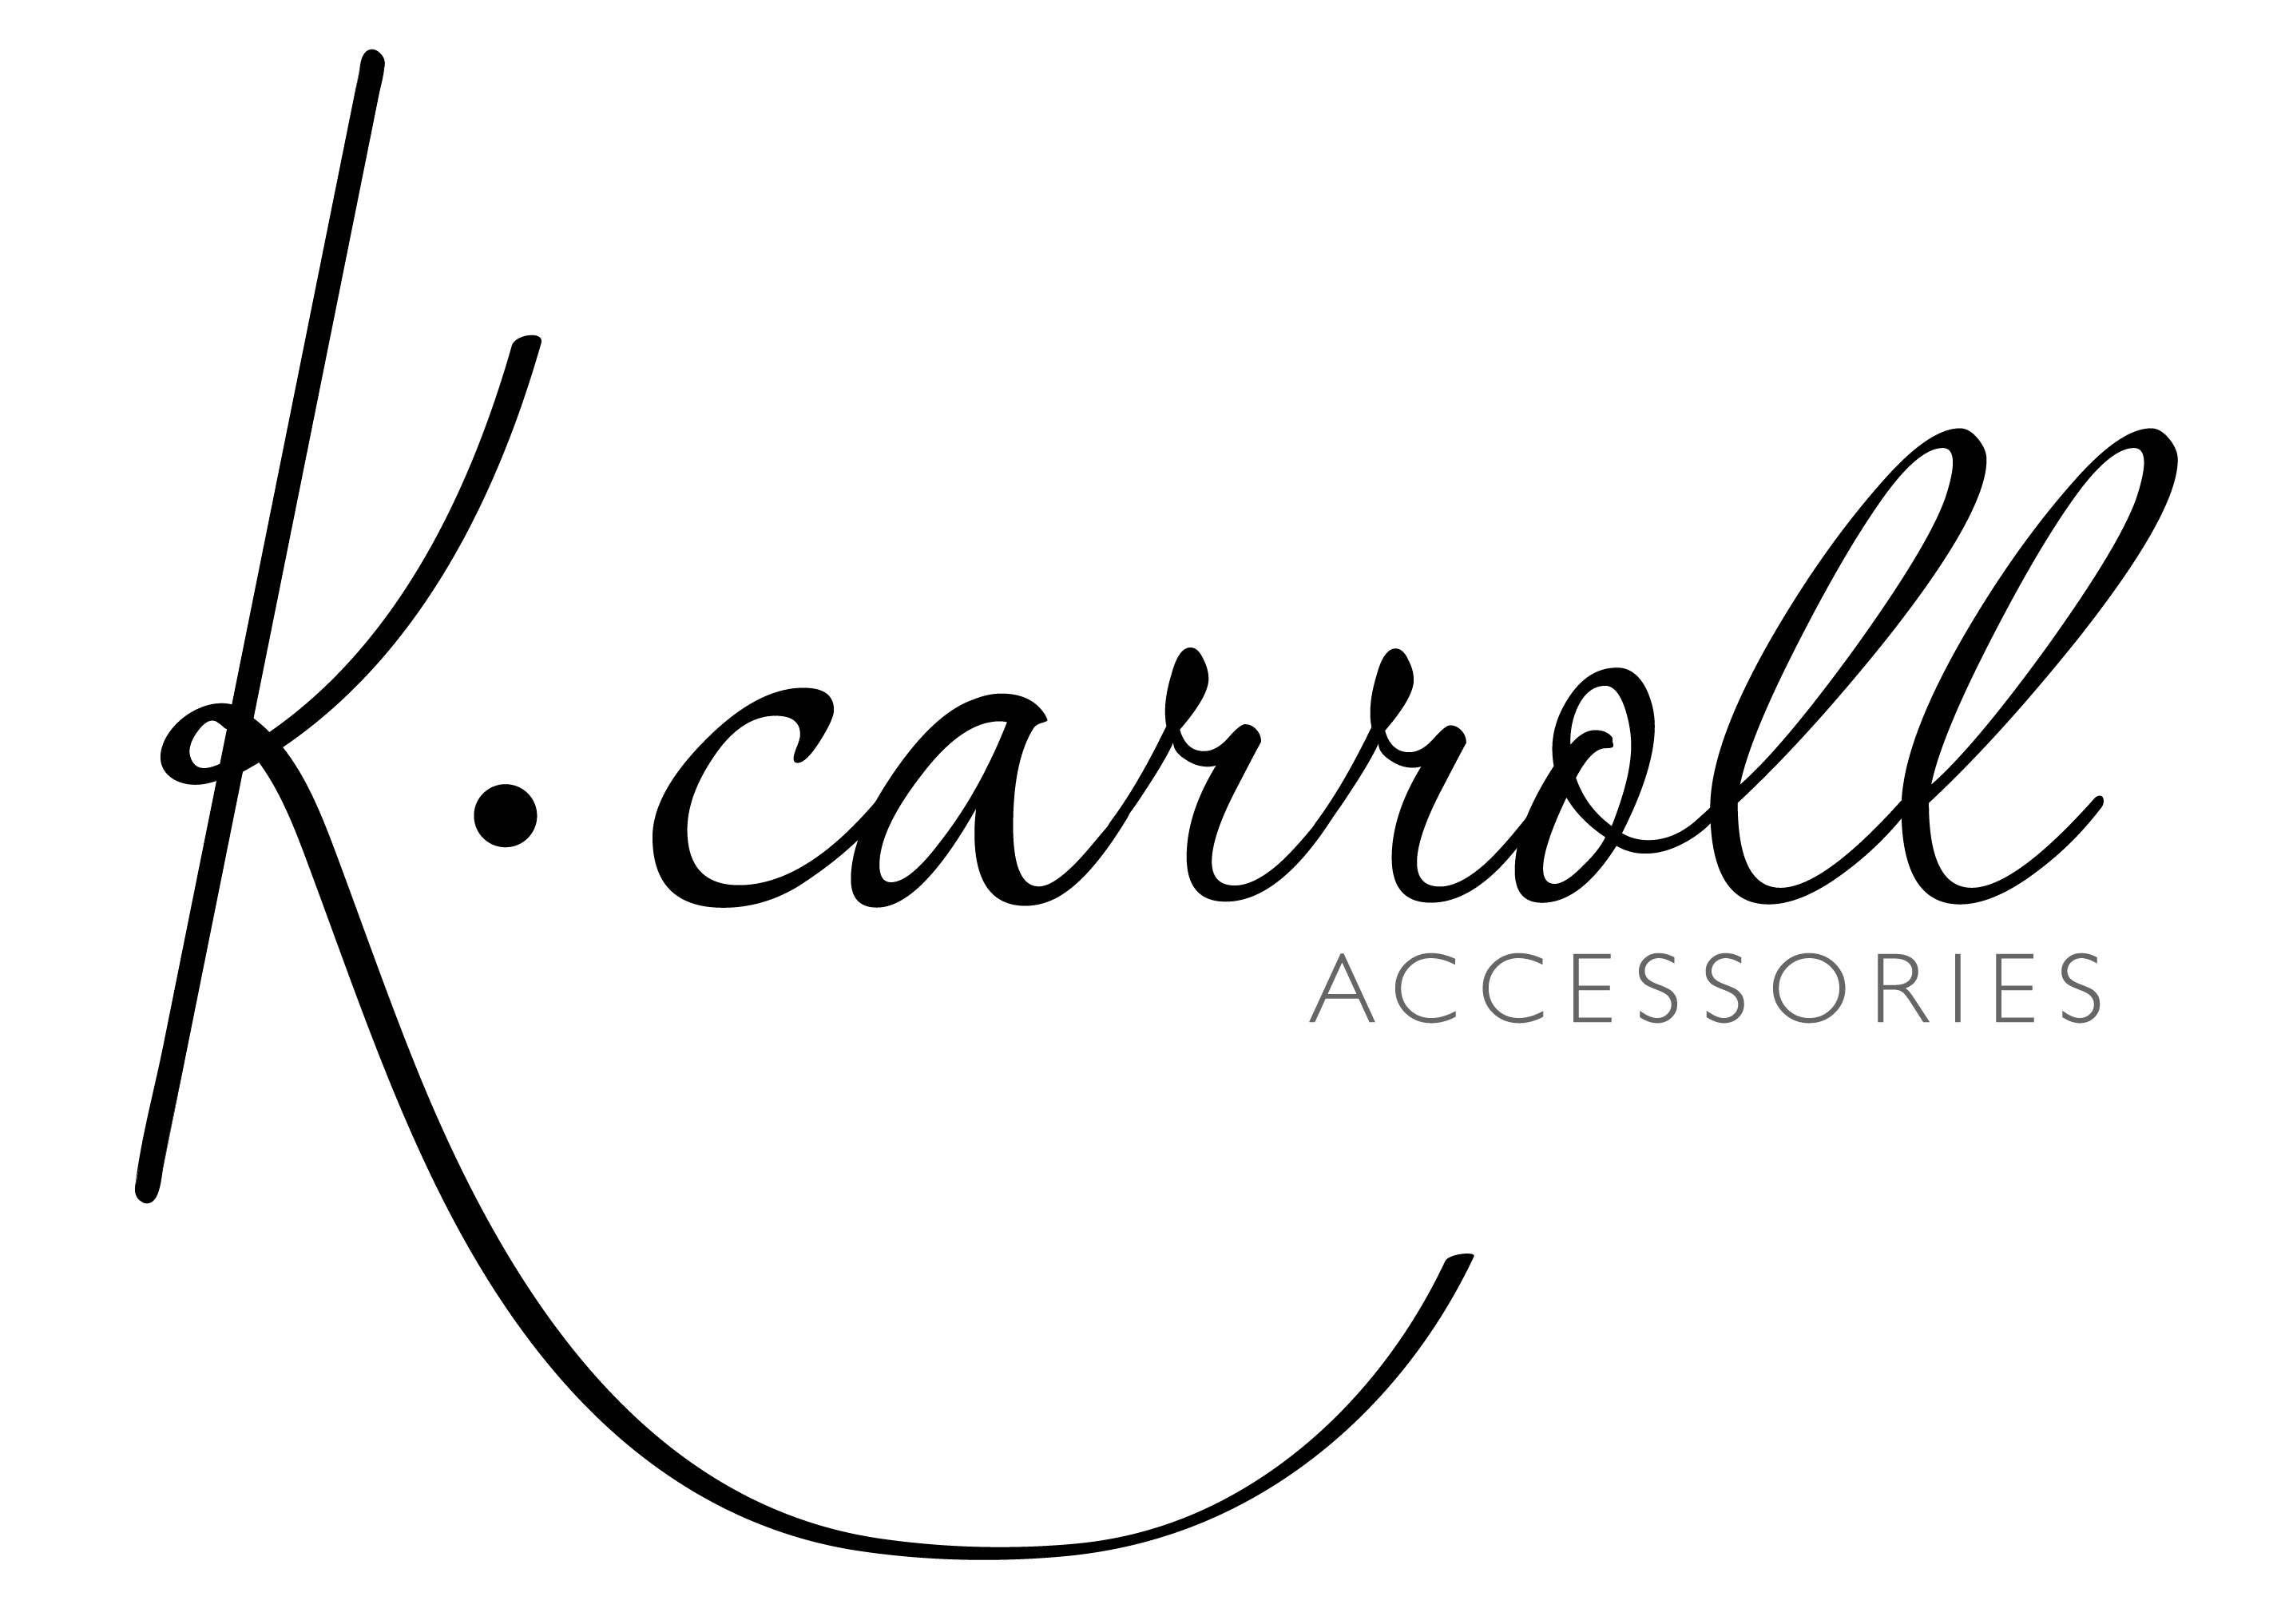 K. Carroll Accessories